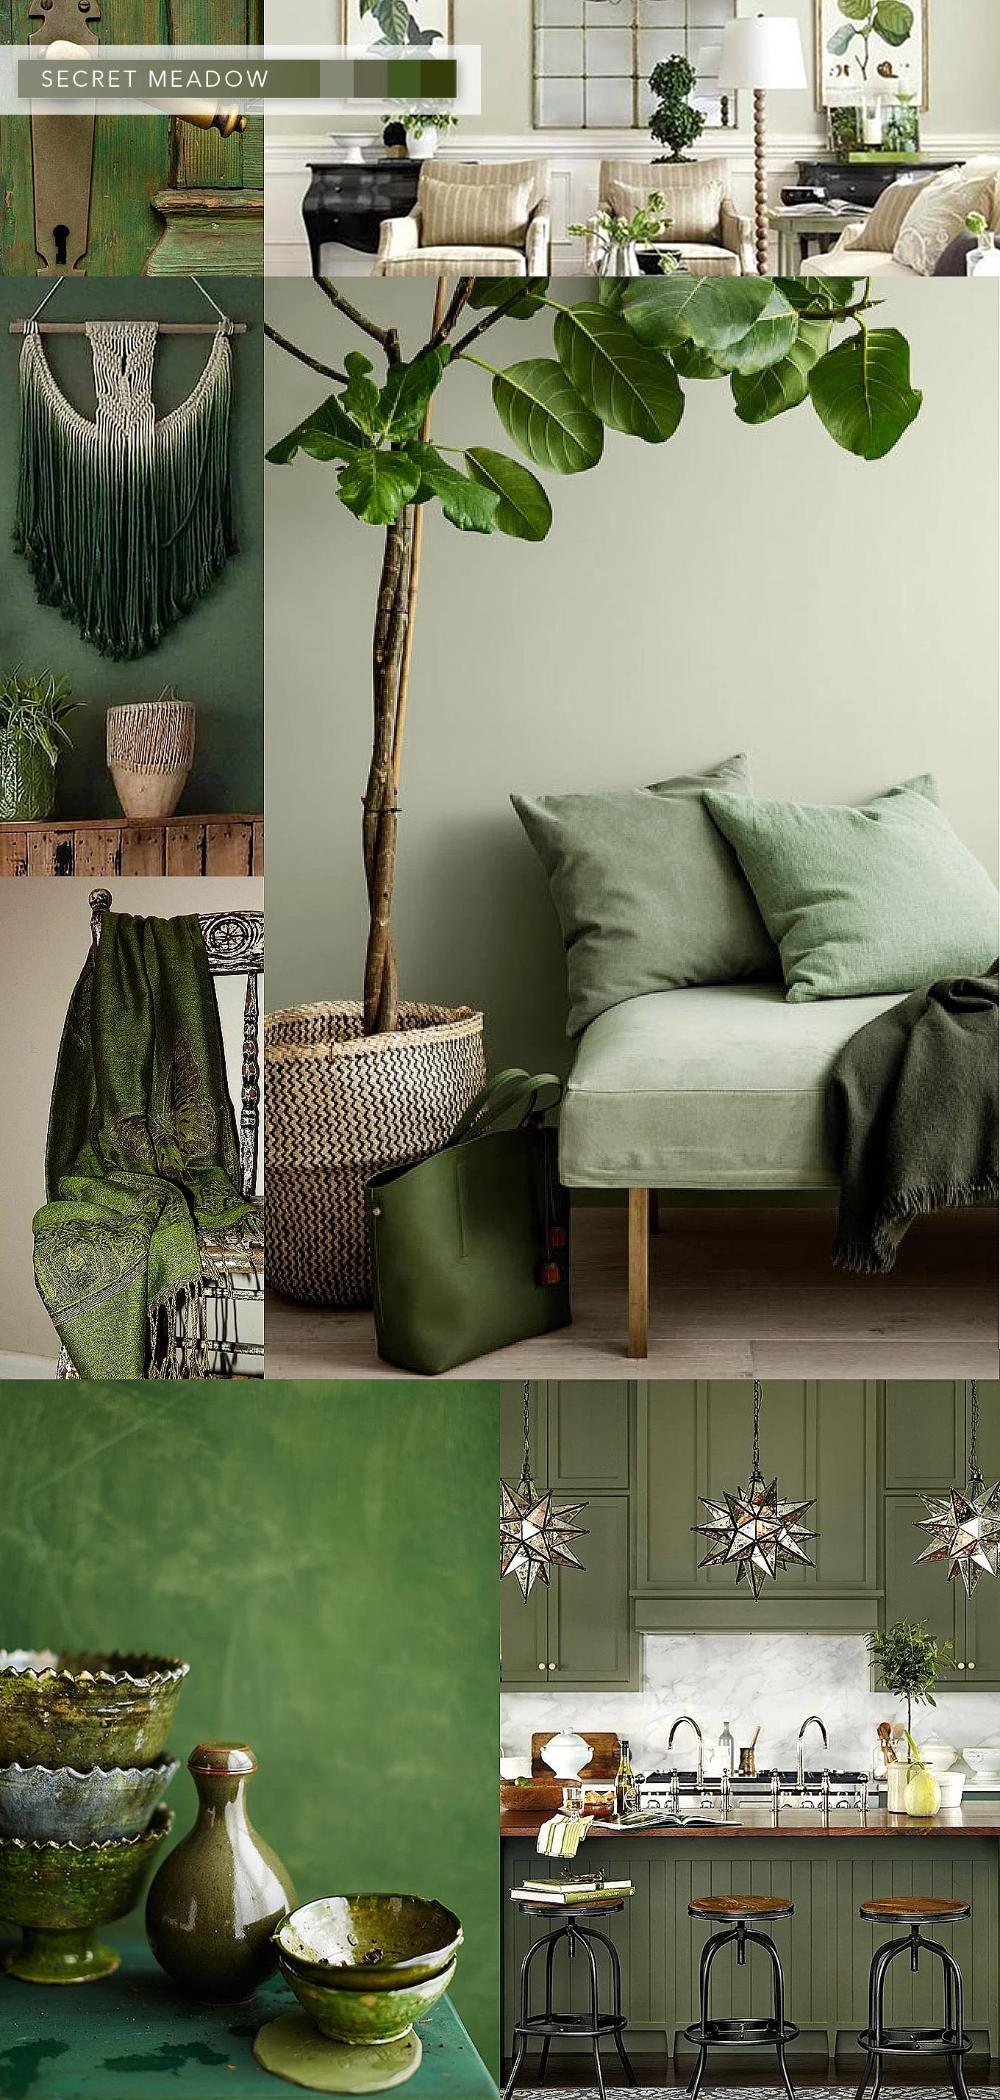 Interior Decor Color Trends For 2020 Colorful Decor Decor Home